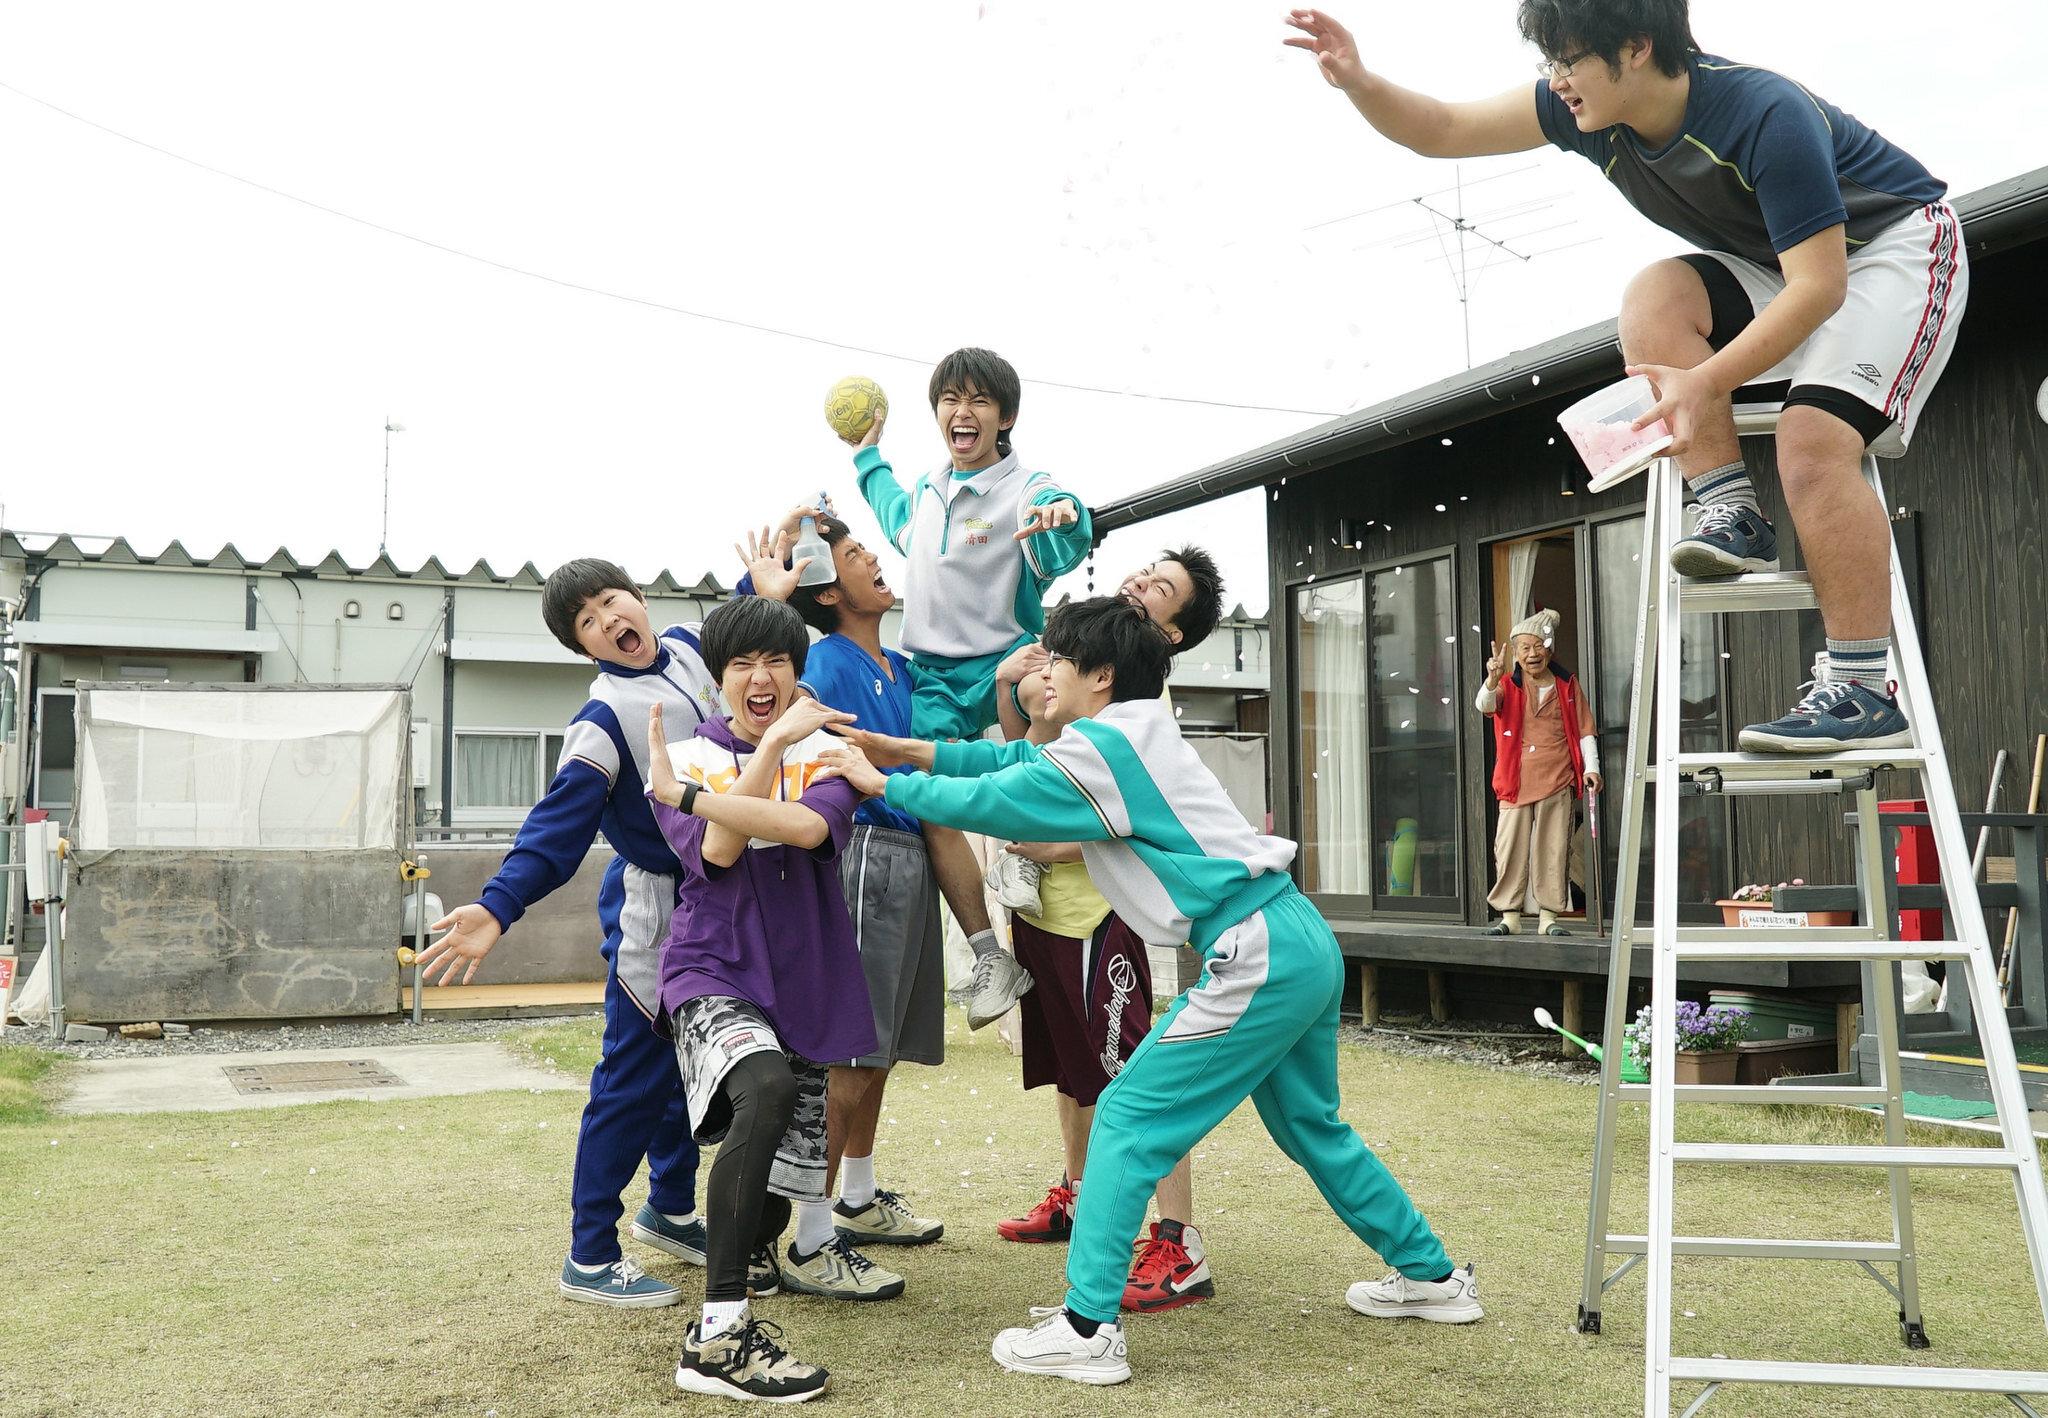 #HandballStrive di Daigo Matsui